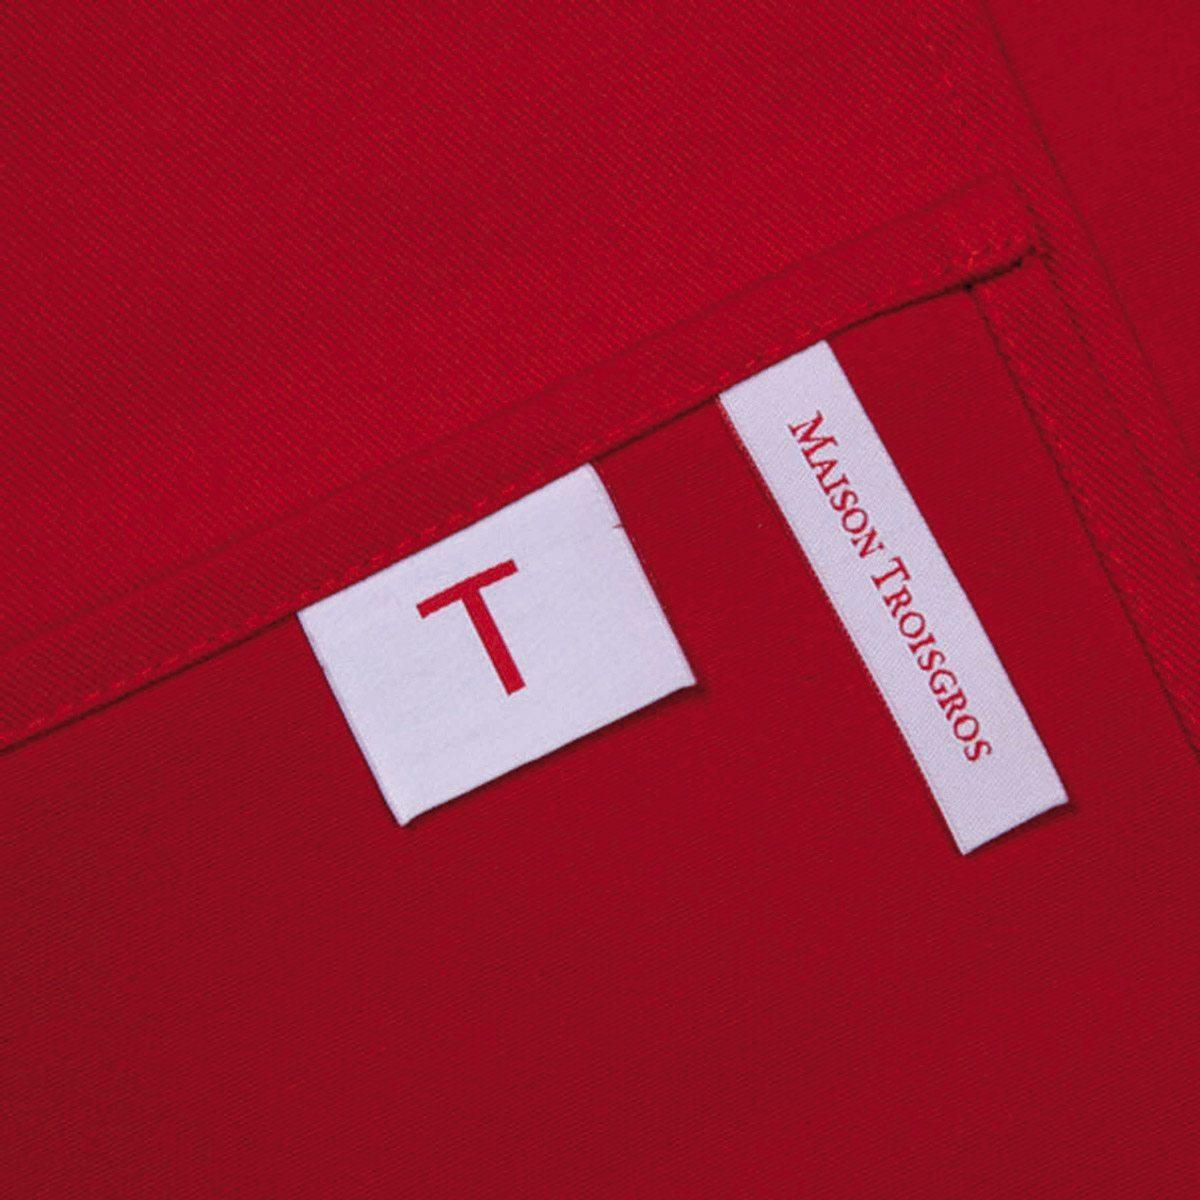 Etiquette du torchon Troisgros, hôtel et restaurant étoilé, identité visuelle Ich&Kar